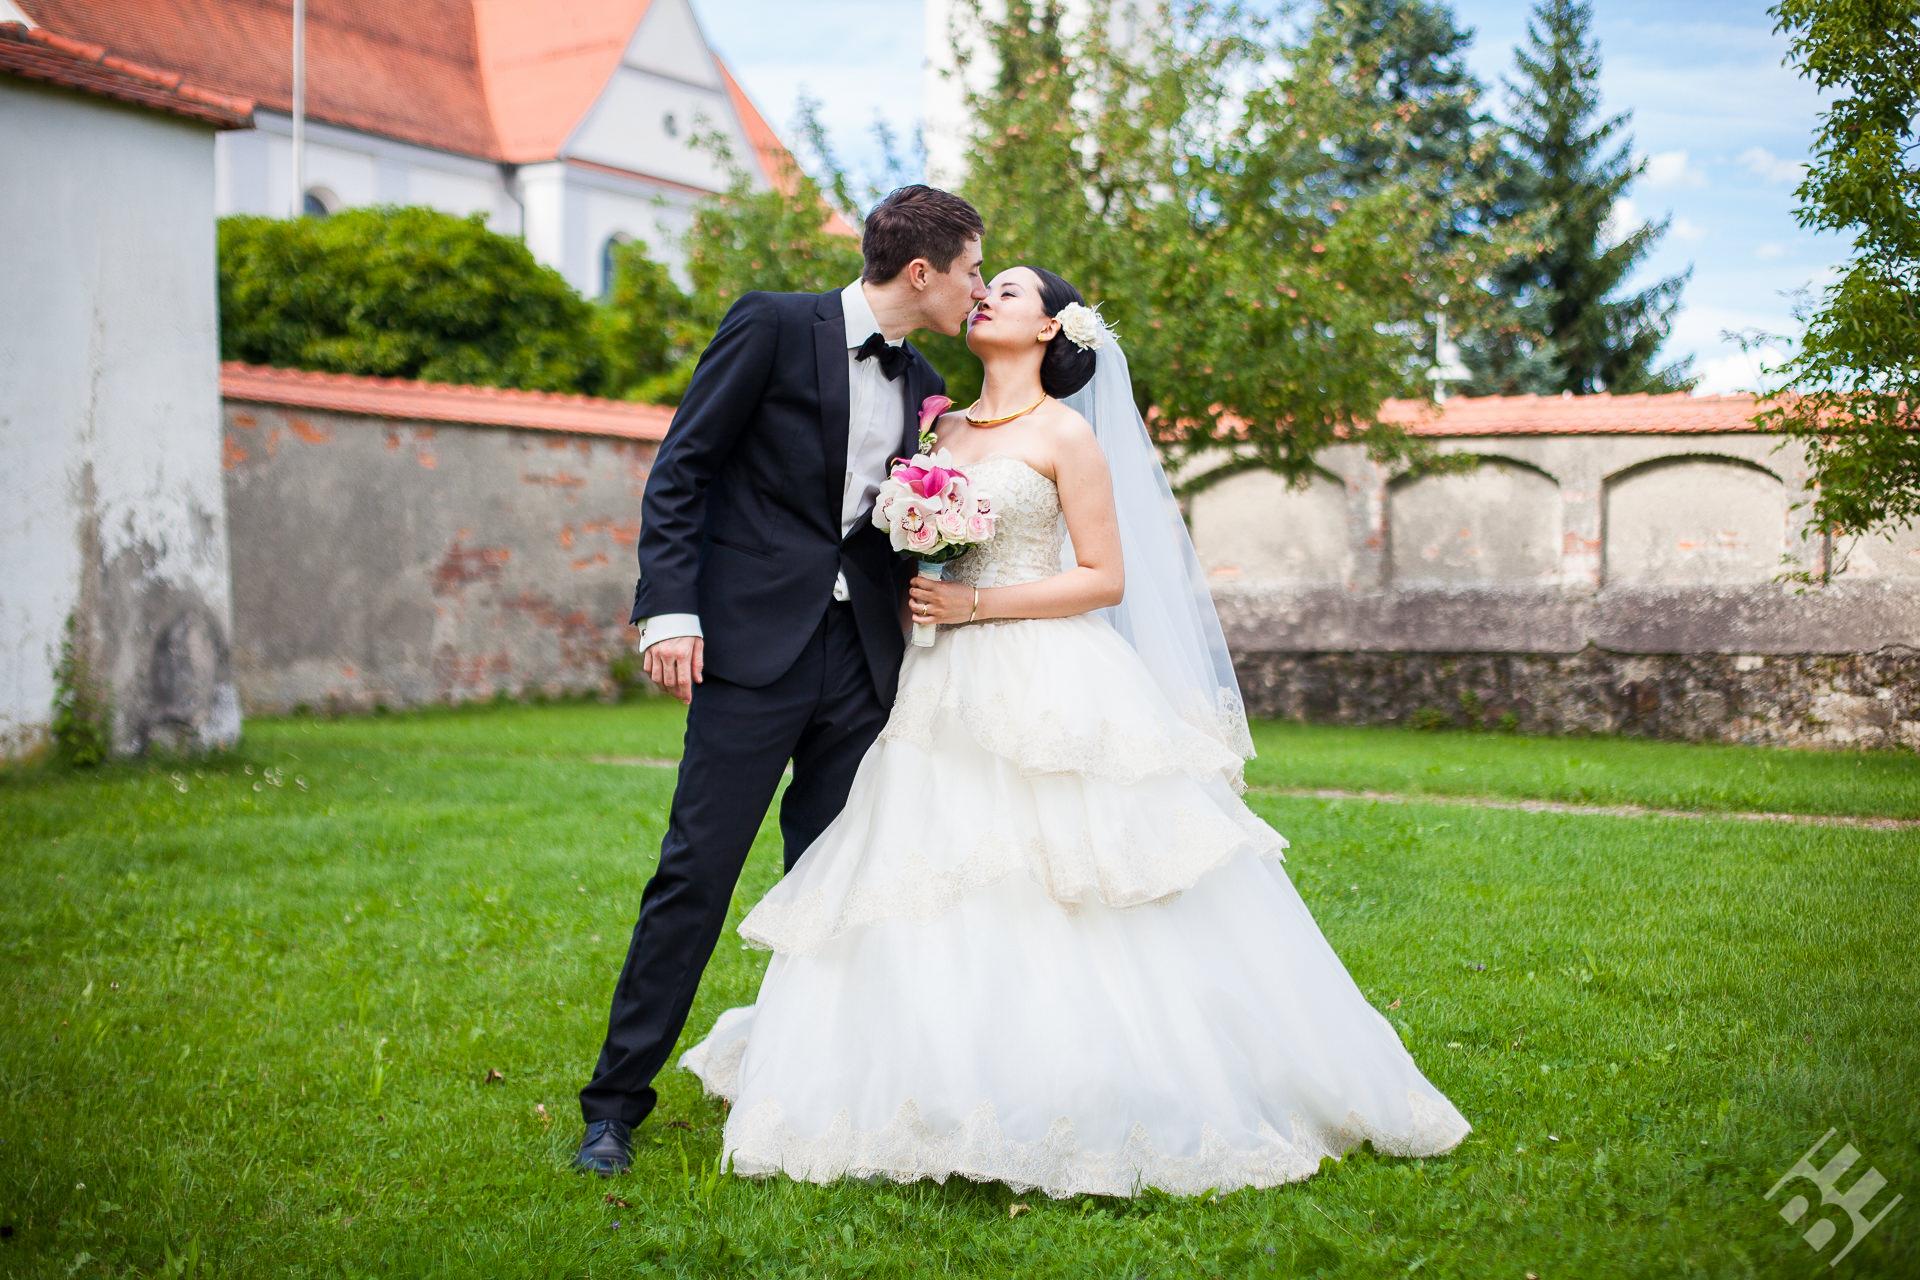 Hochzeit_72_IMG_0617_Volen_Evtimov